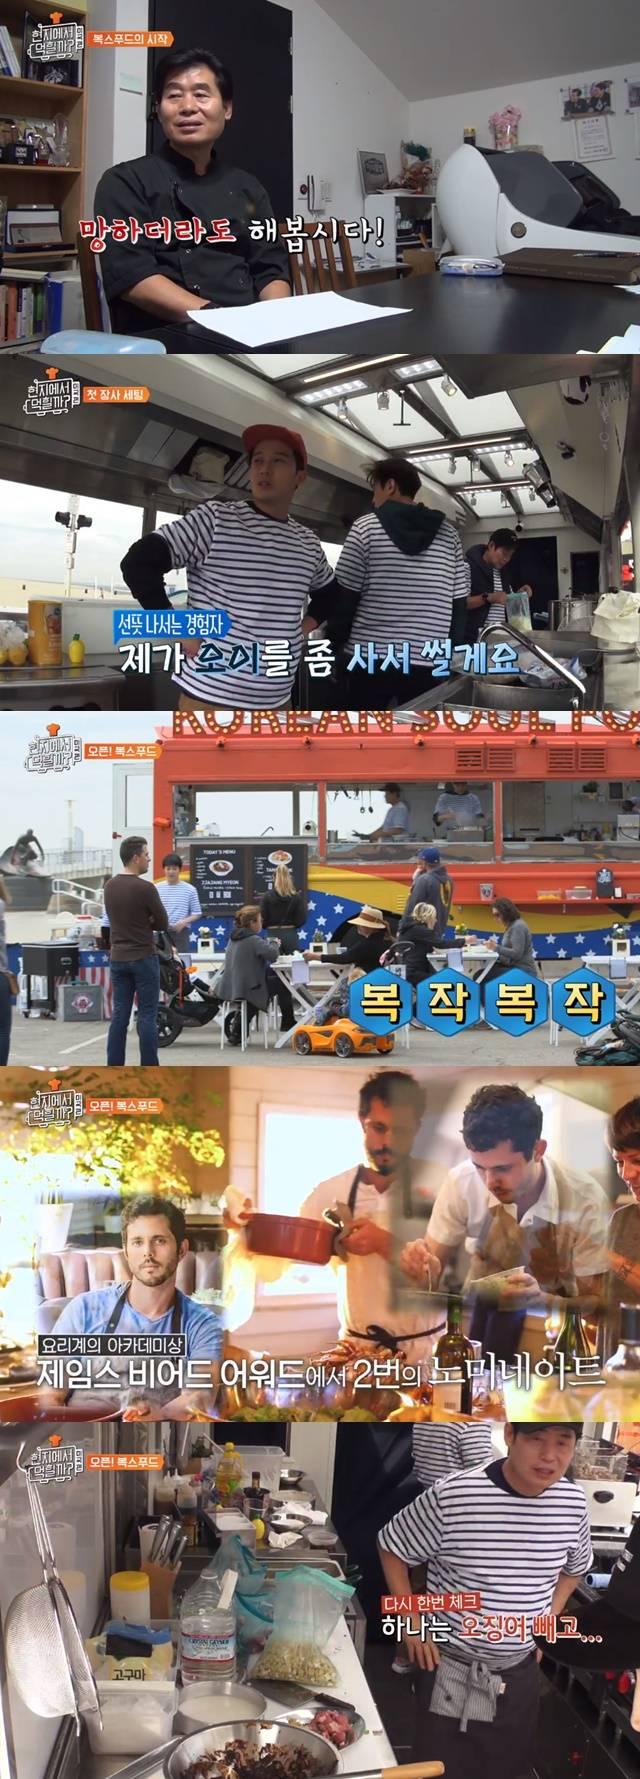 현지에서 먹힐까3가 정준영의 흔적을 지운 채 성공적인 첫 방송을 마쳤다. /tvN 캡처